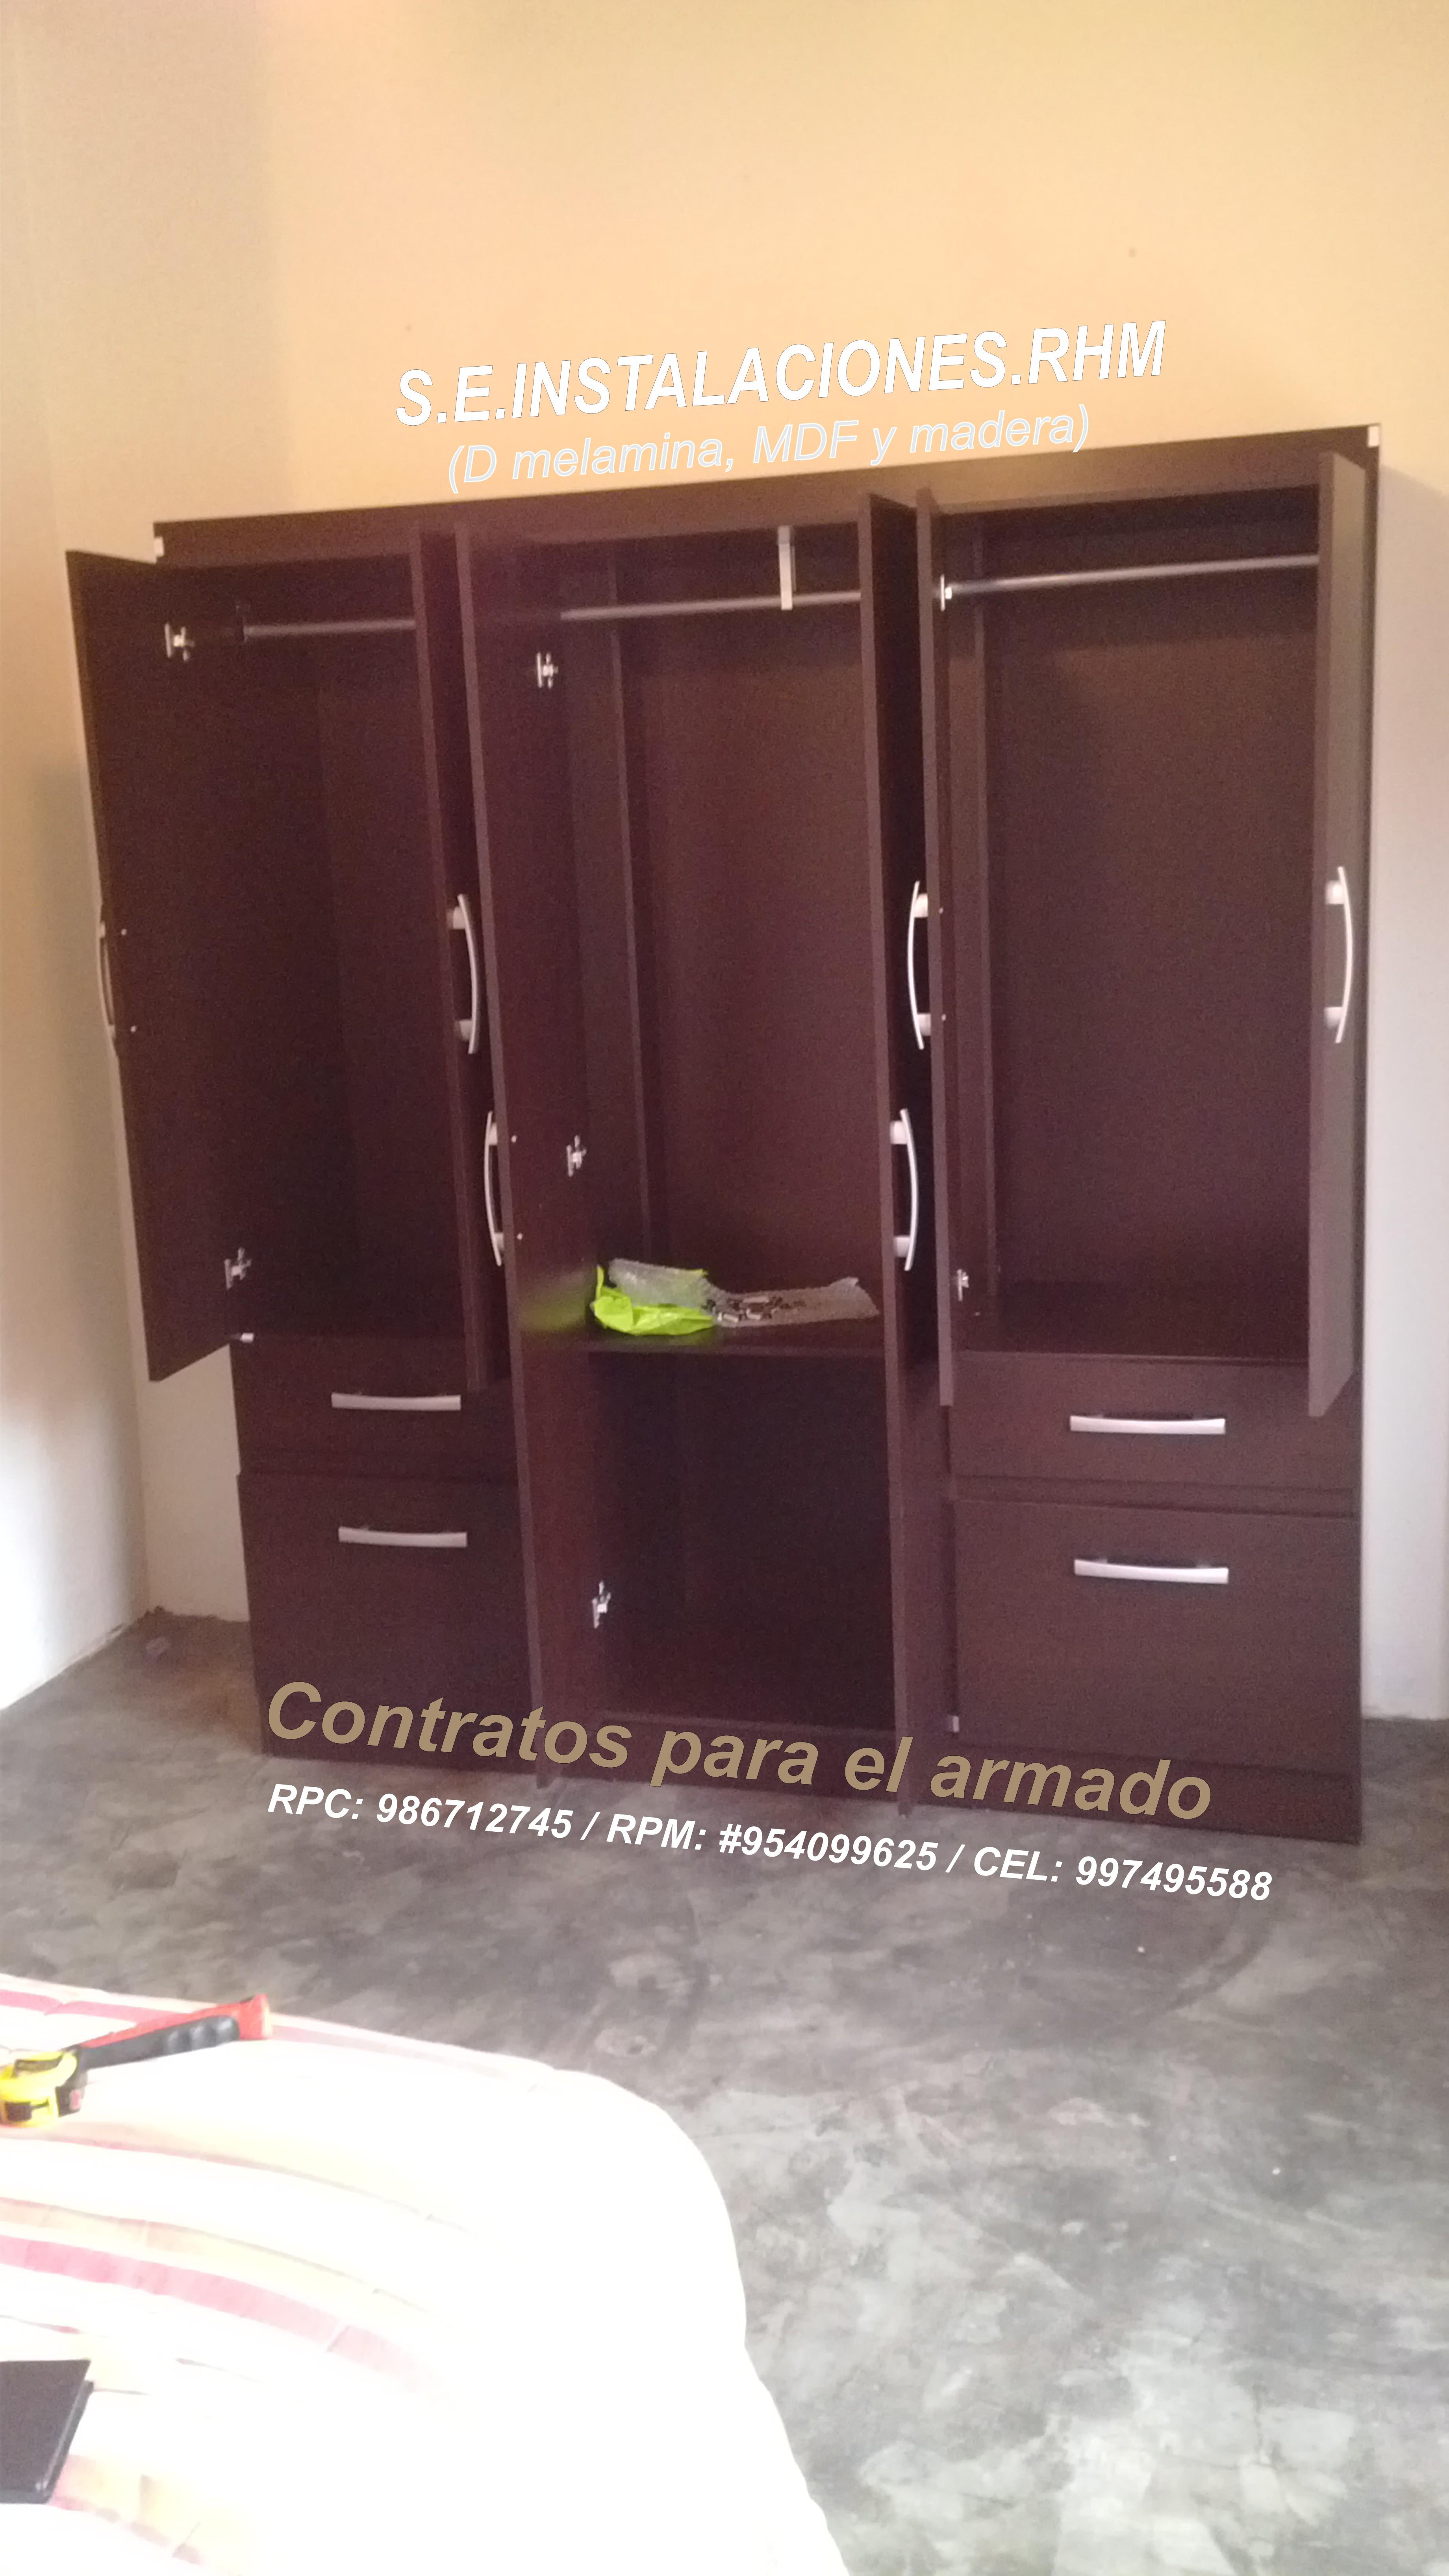 Desarmado de roperos de saga sodimac tottus for Roperos para dormitorios en lima